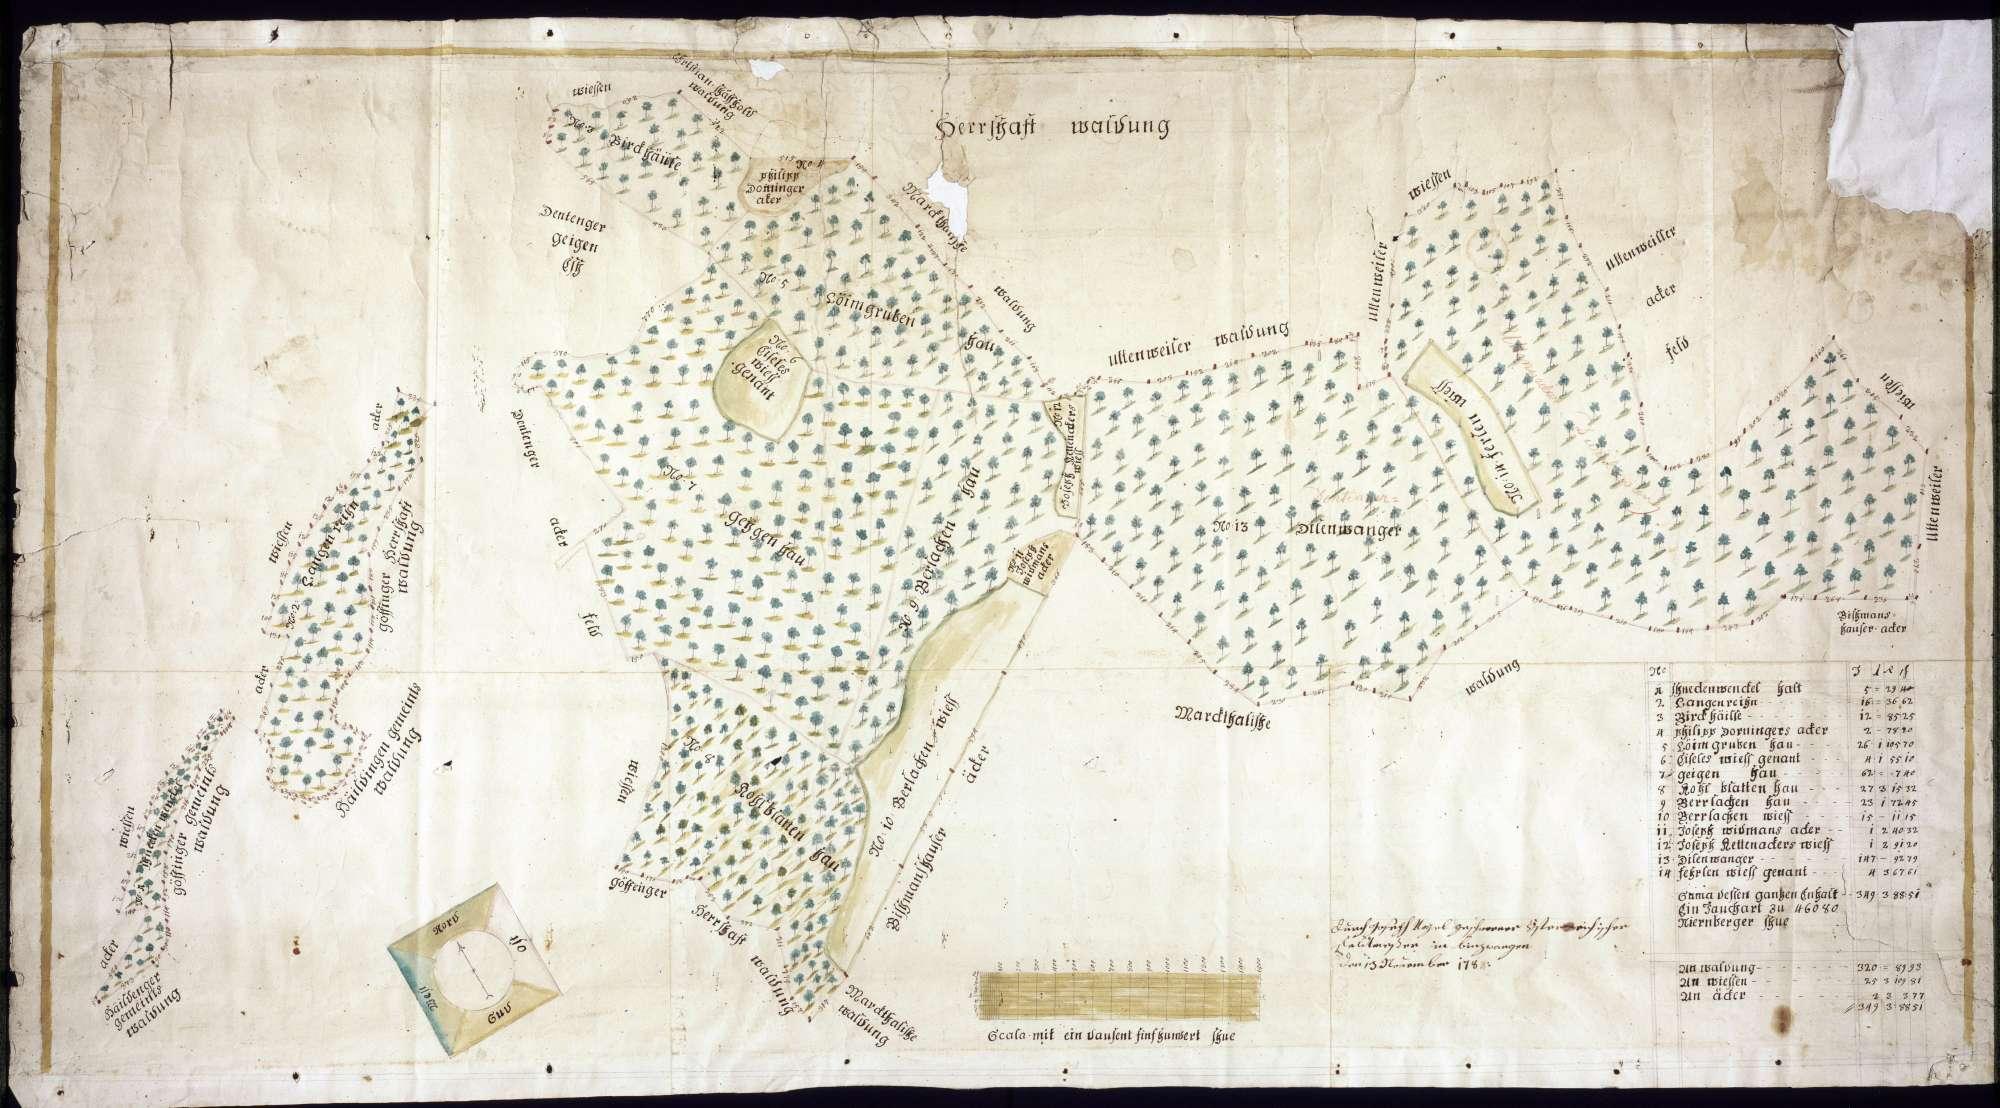 Herrschaftswaldungen im Göffinger und Uttenweiler Bezirk Maßstab ca. 1 : 2500 Zeichner: Joseph Nagel col. handgez., Bild 1